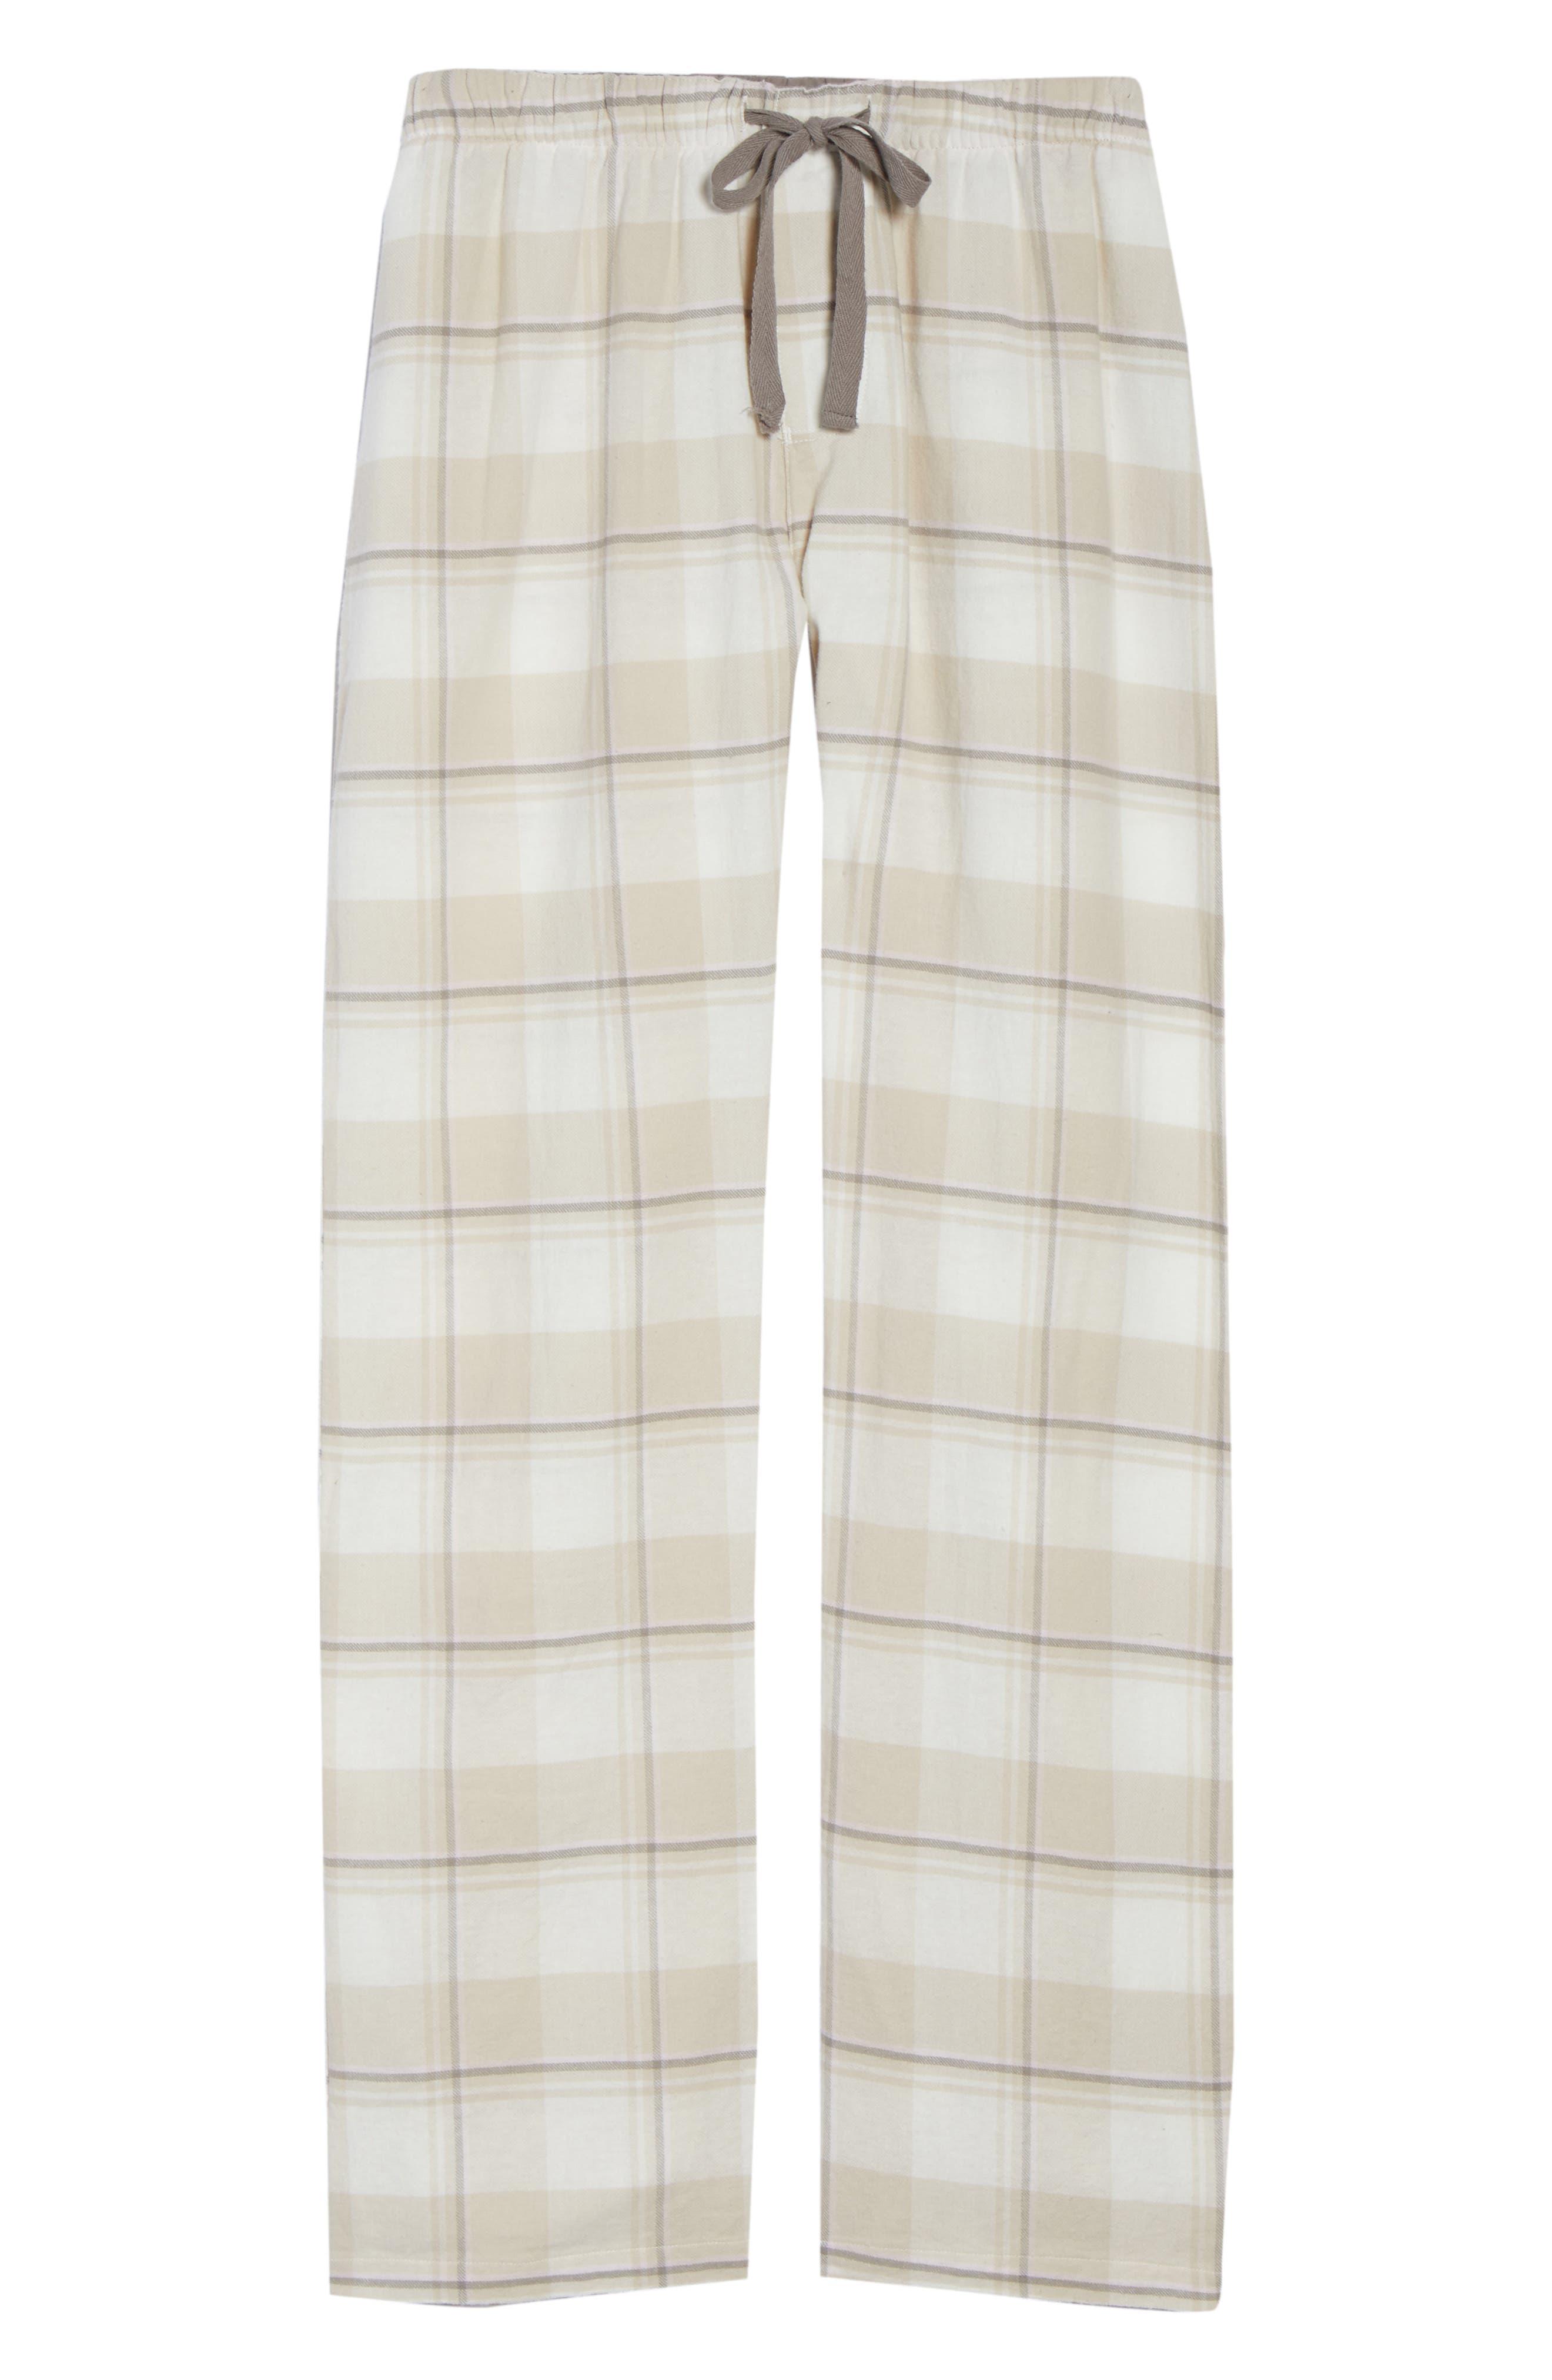 Plaid Pants,                             Alternate thumbnail 6, color,                             CHAMPAGNE